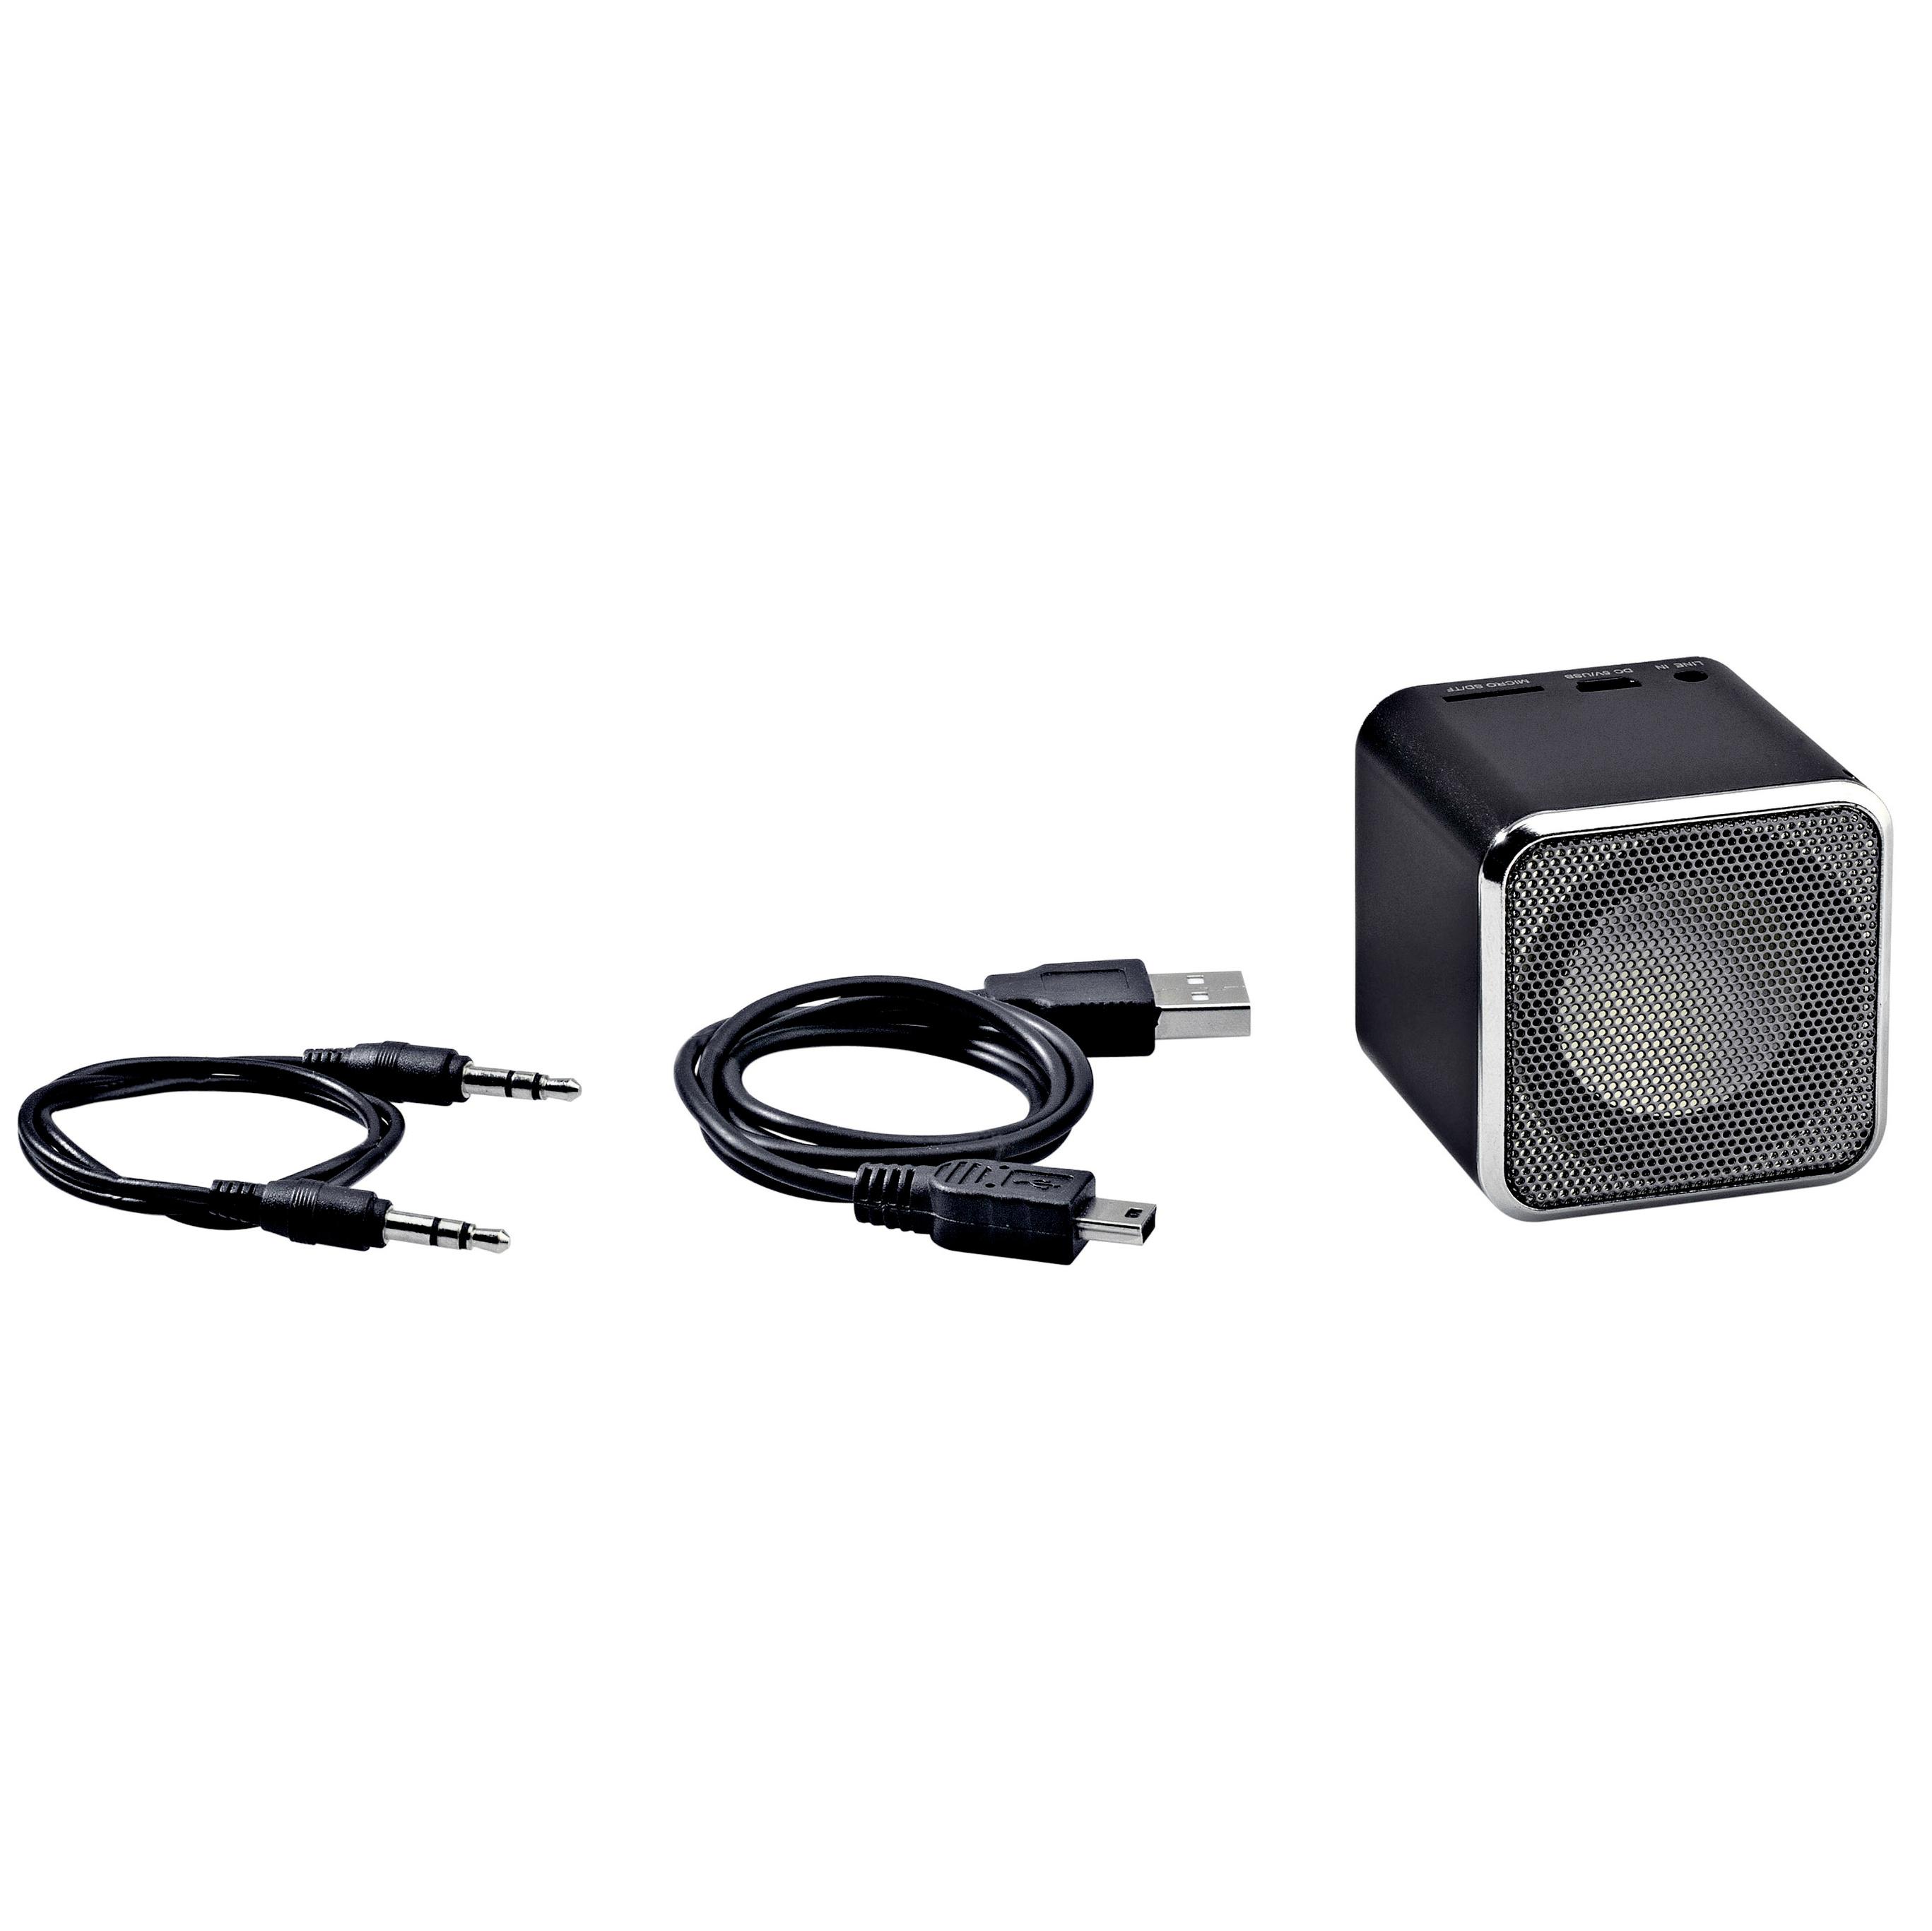 Mp3 Player Mit Aktiv Lautsprecher Jetzt Bei Weltbild De Bestellen